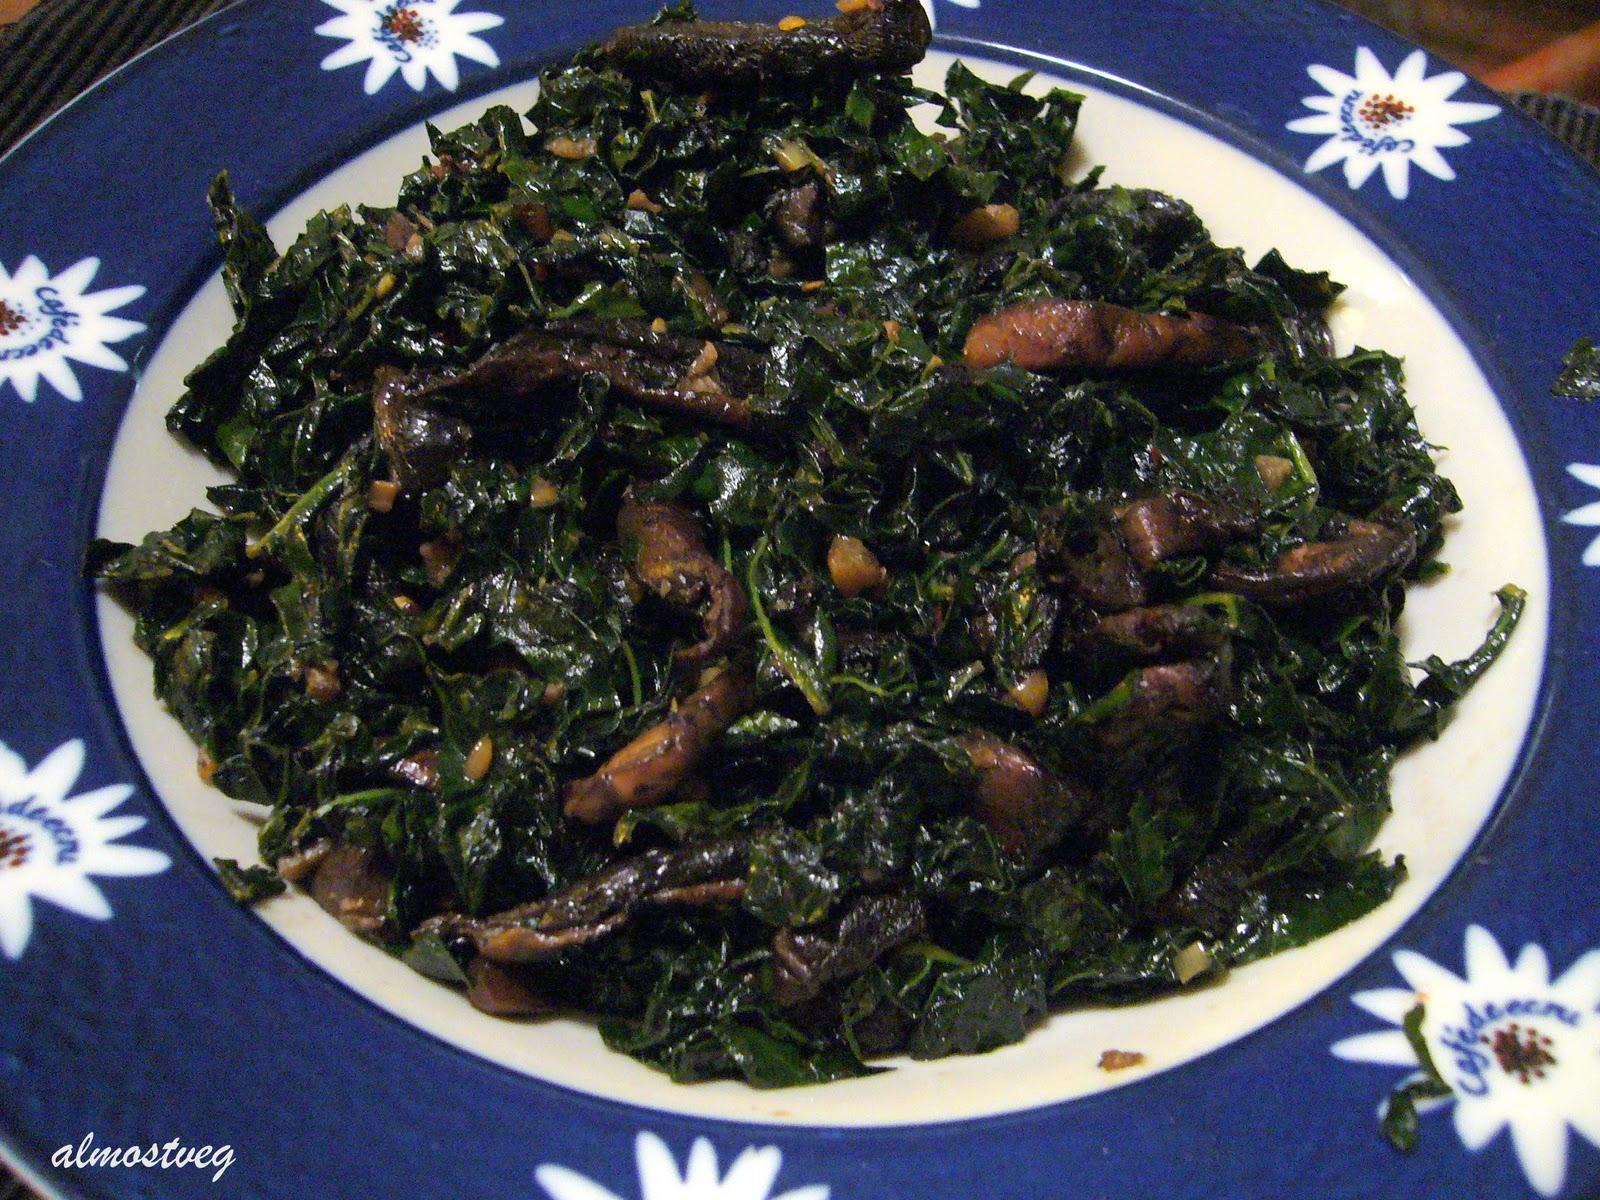 sauteed portobello mushrooms with tuscan kale 1 bunch organic tuscan